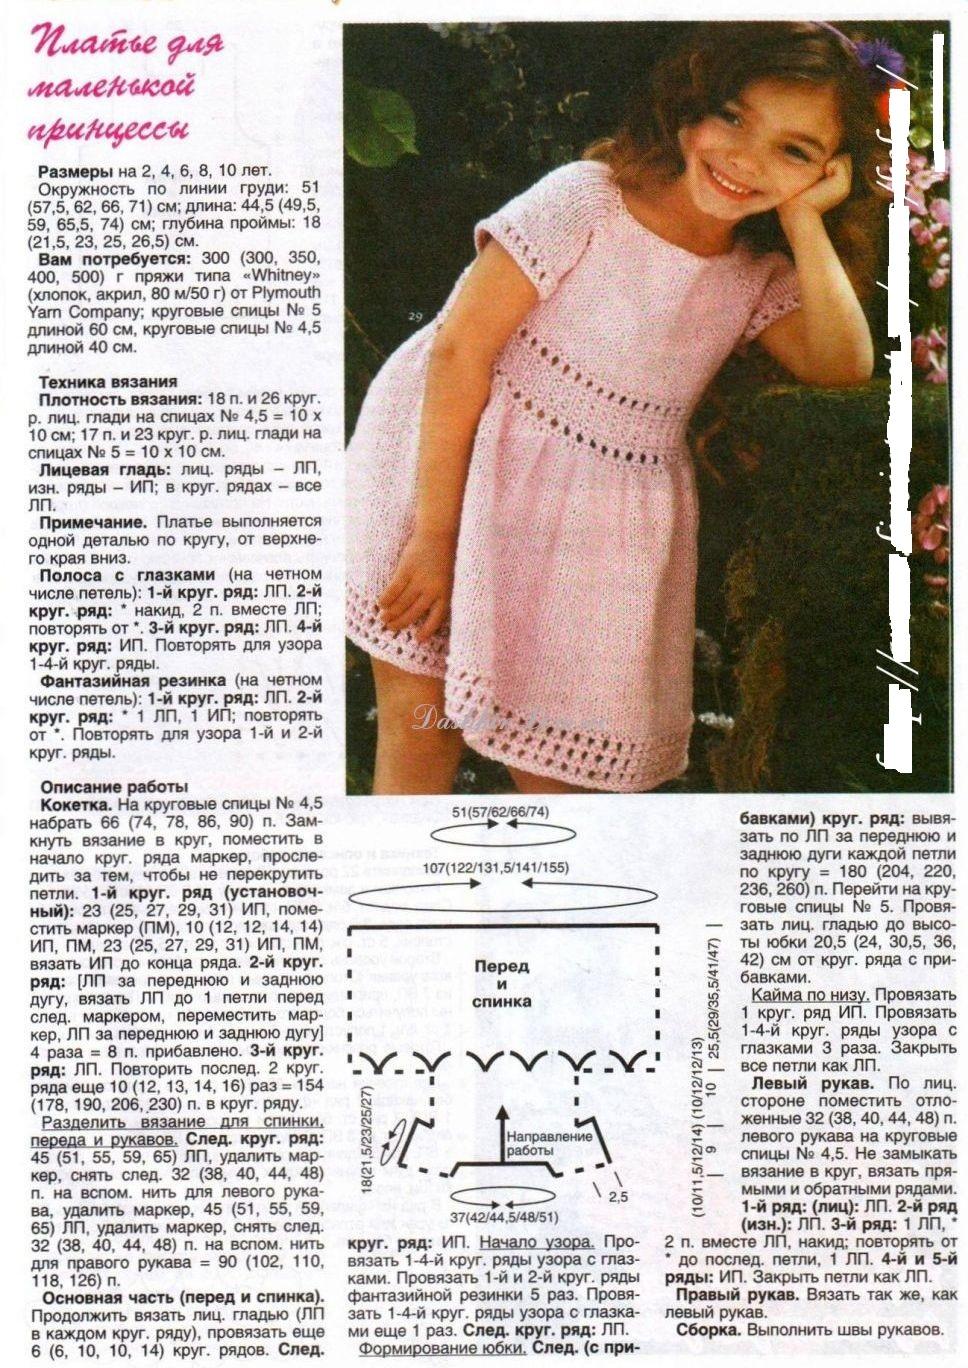 Вязаное платье для девочки спицами со схемами и описанием: подборка фото - сайт о рукоделии